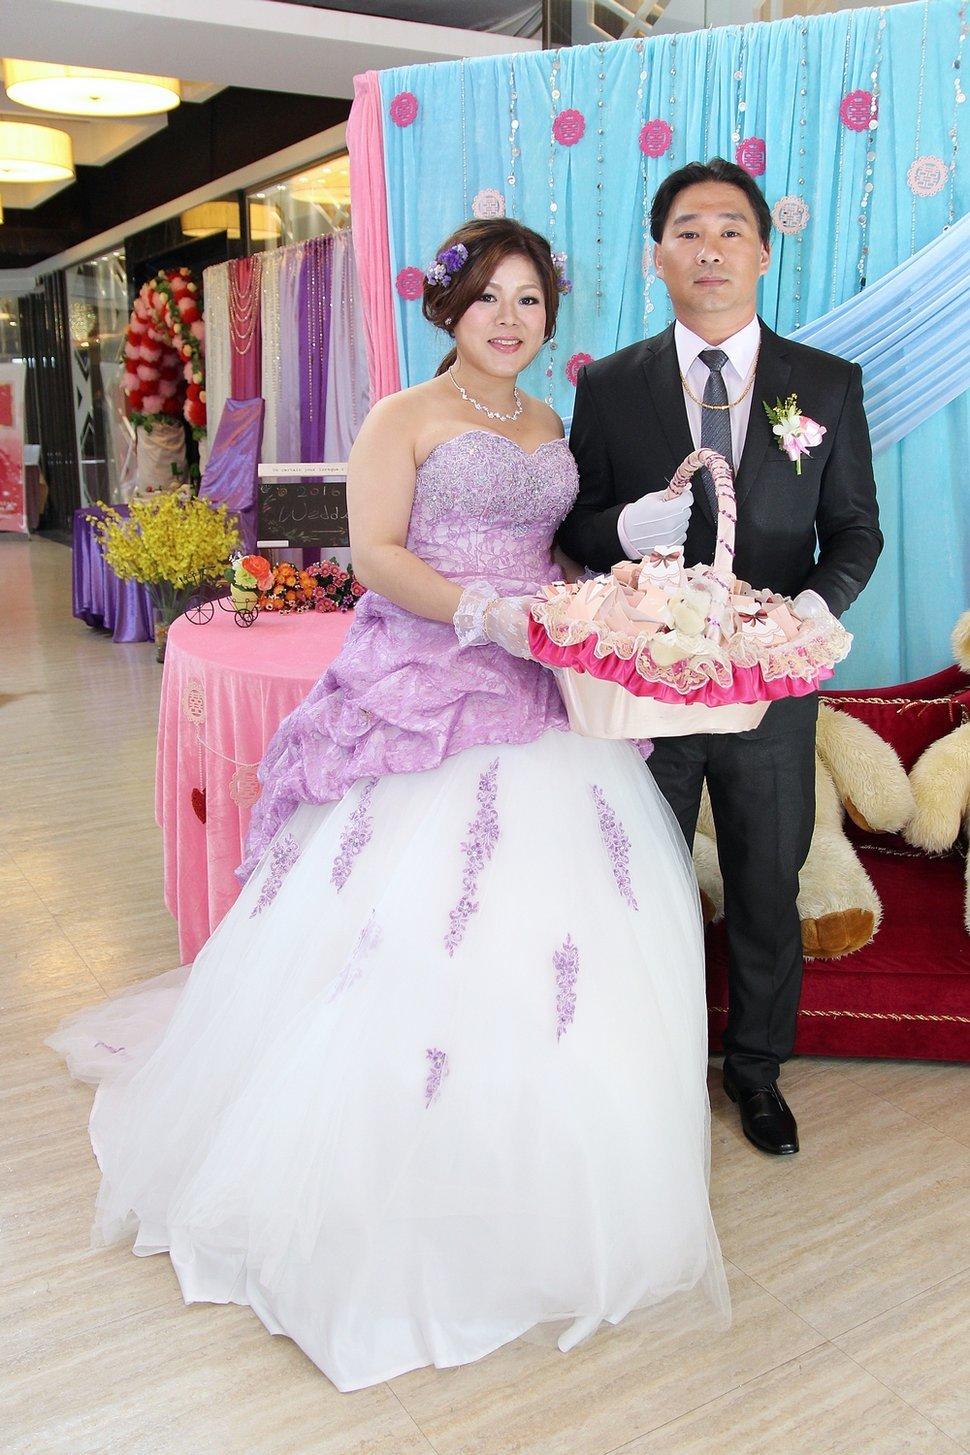 芳胤&雅雲(儀式+午宴)(編號:431277) - 瑞比特婚禮紀錄攝影 - 結婚吧一站式婚禮服務平台